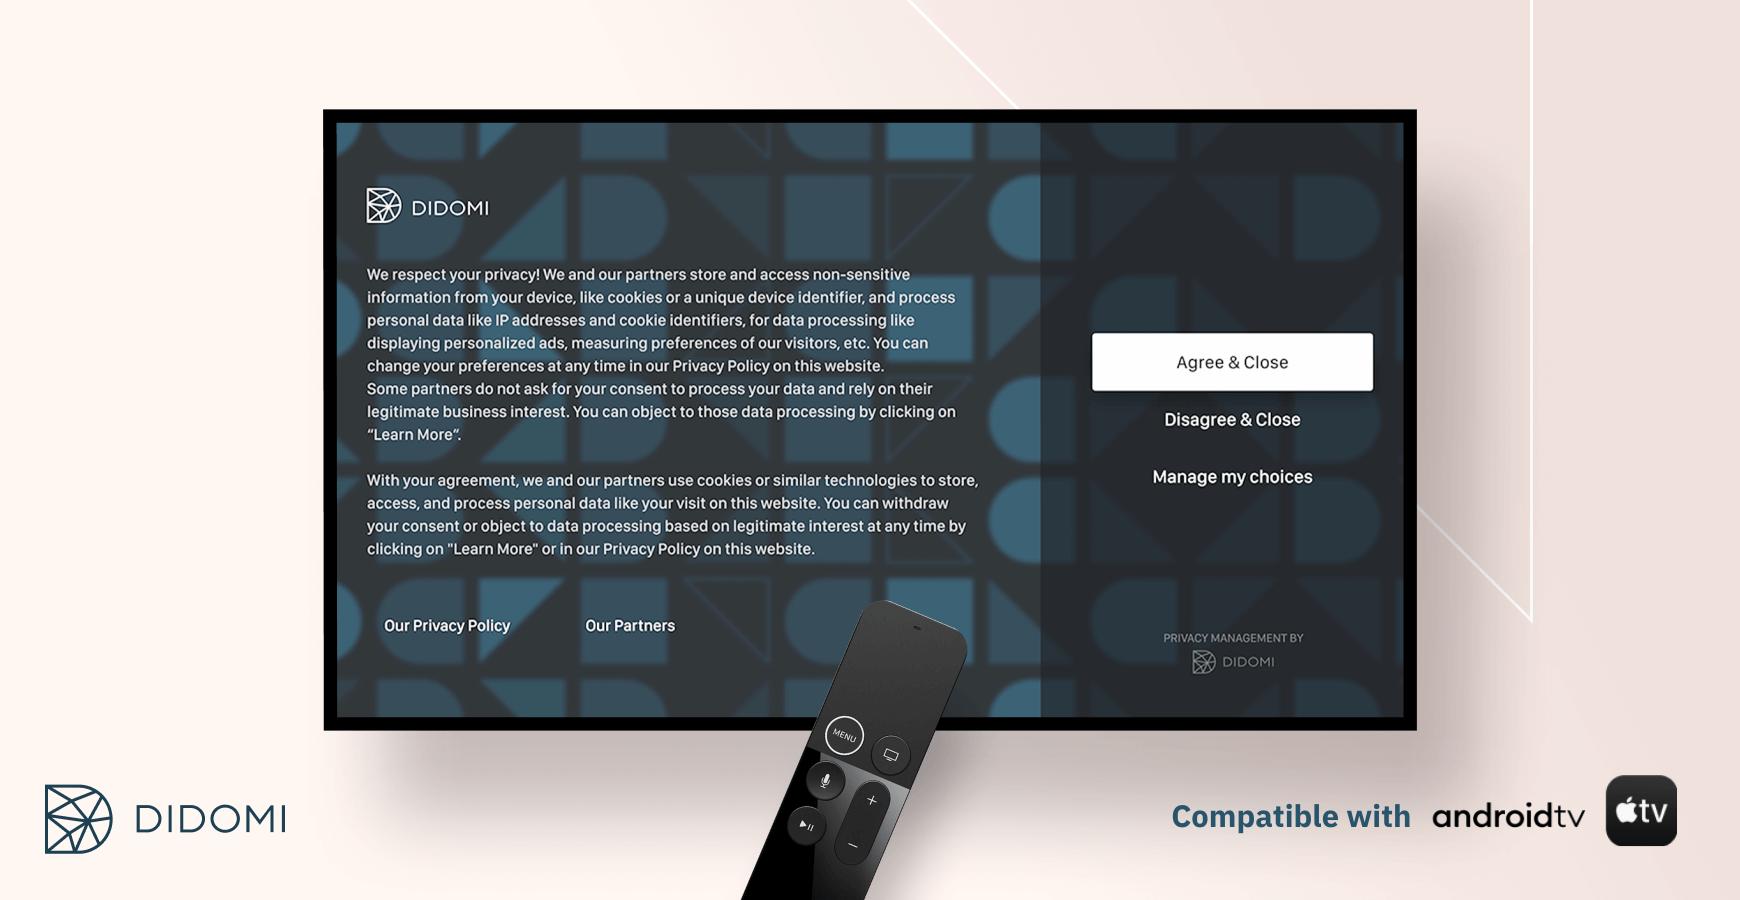 Didomi bietet als erstes europäisches Unternehmen eine TCF-konforme CMP für Smart TV an